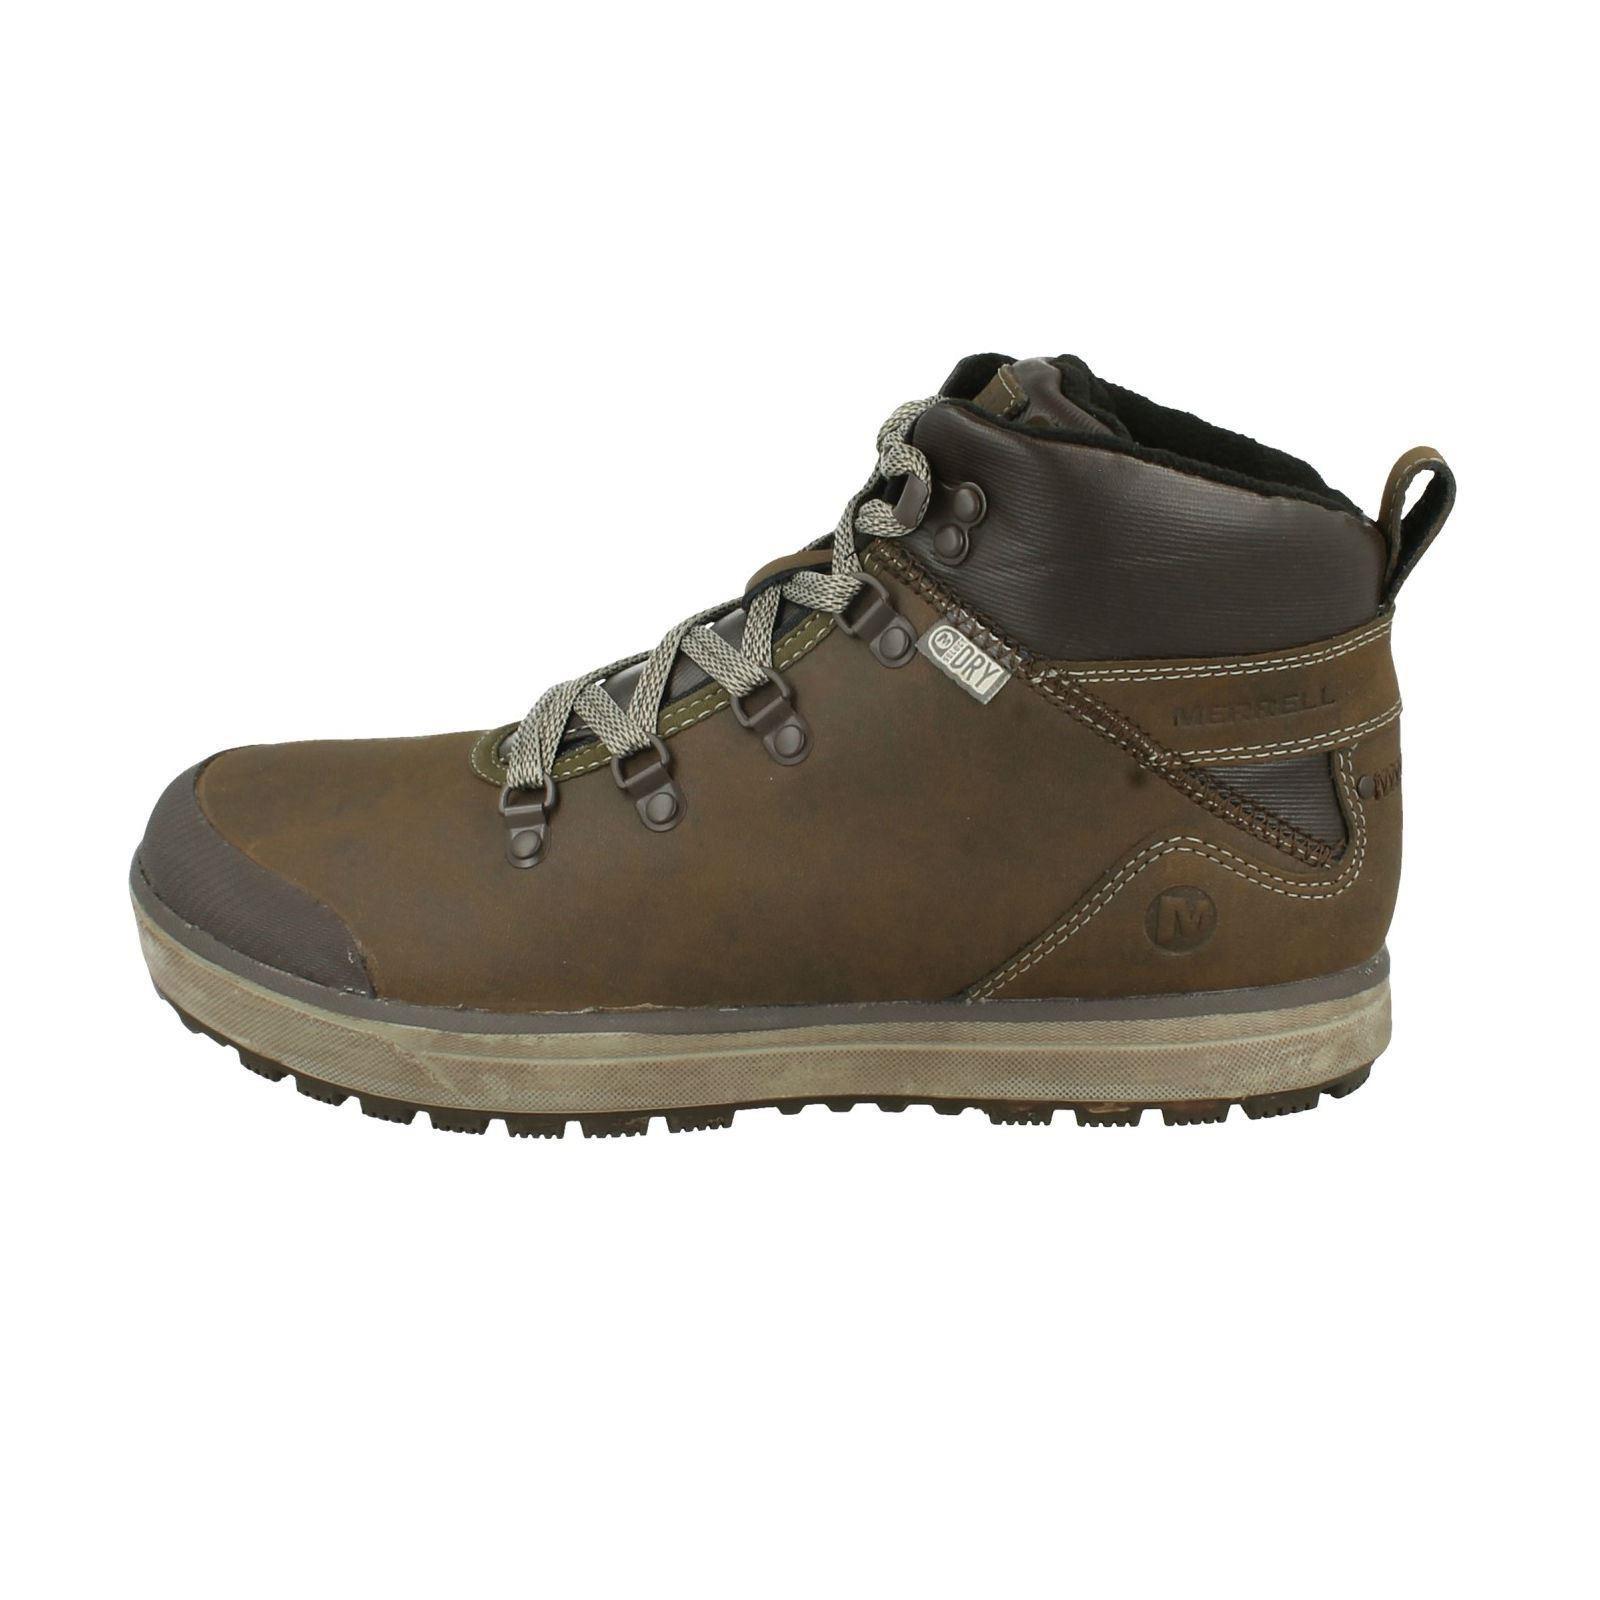 Mens Hiking Merrell Turku Trek Waterproof Mid Hiking Mens Walking Boots- Style J23627 a40521